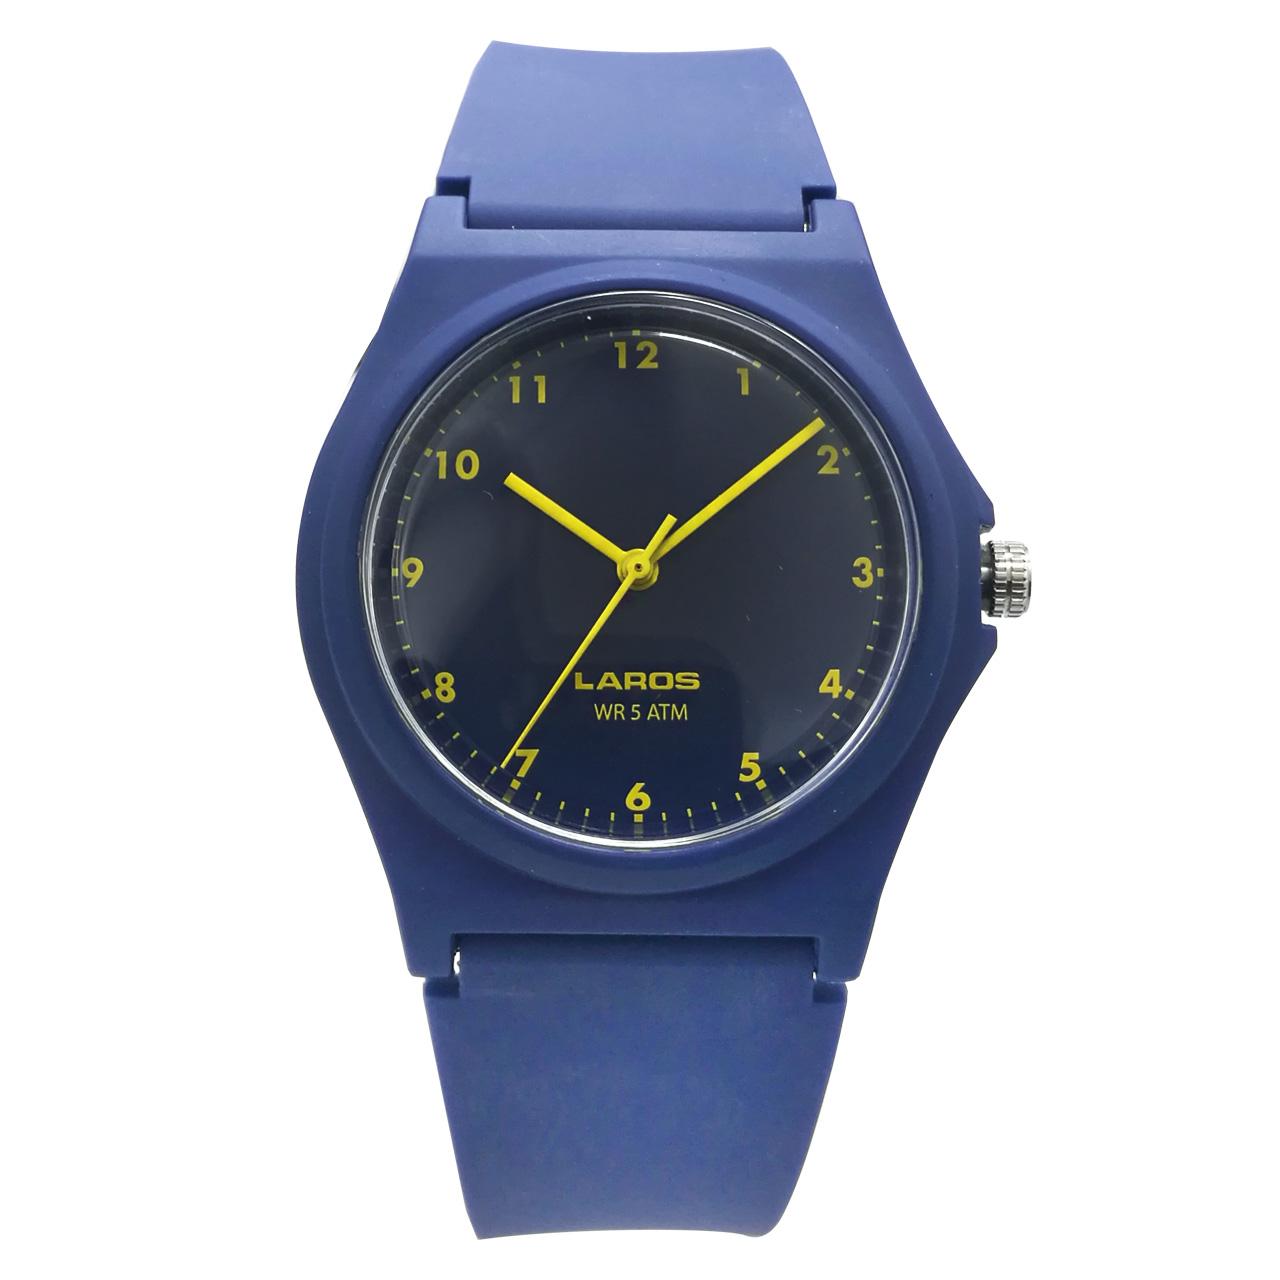 ساعت مچی عقربه ای لاروس مدل 1117-aq104